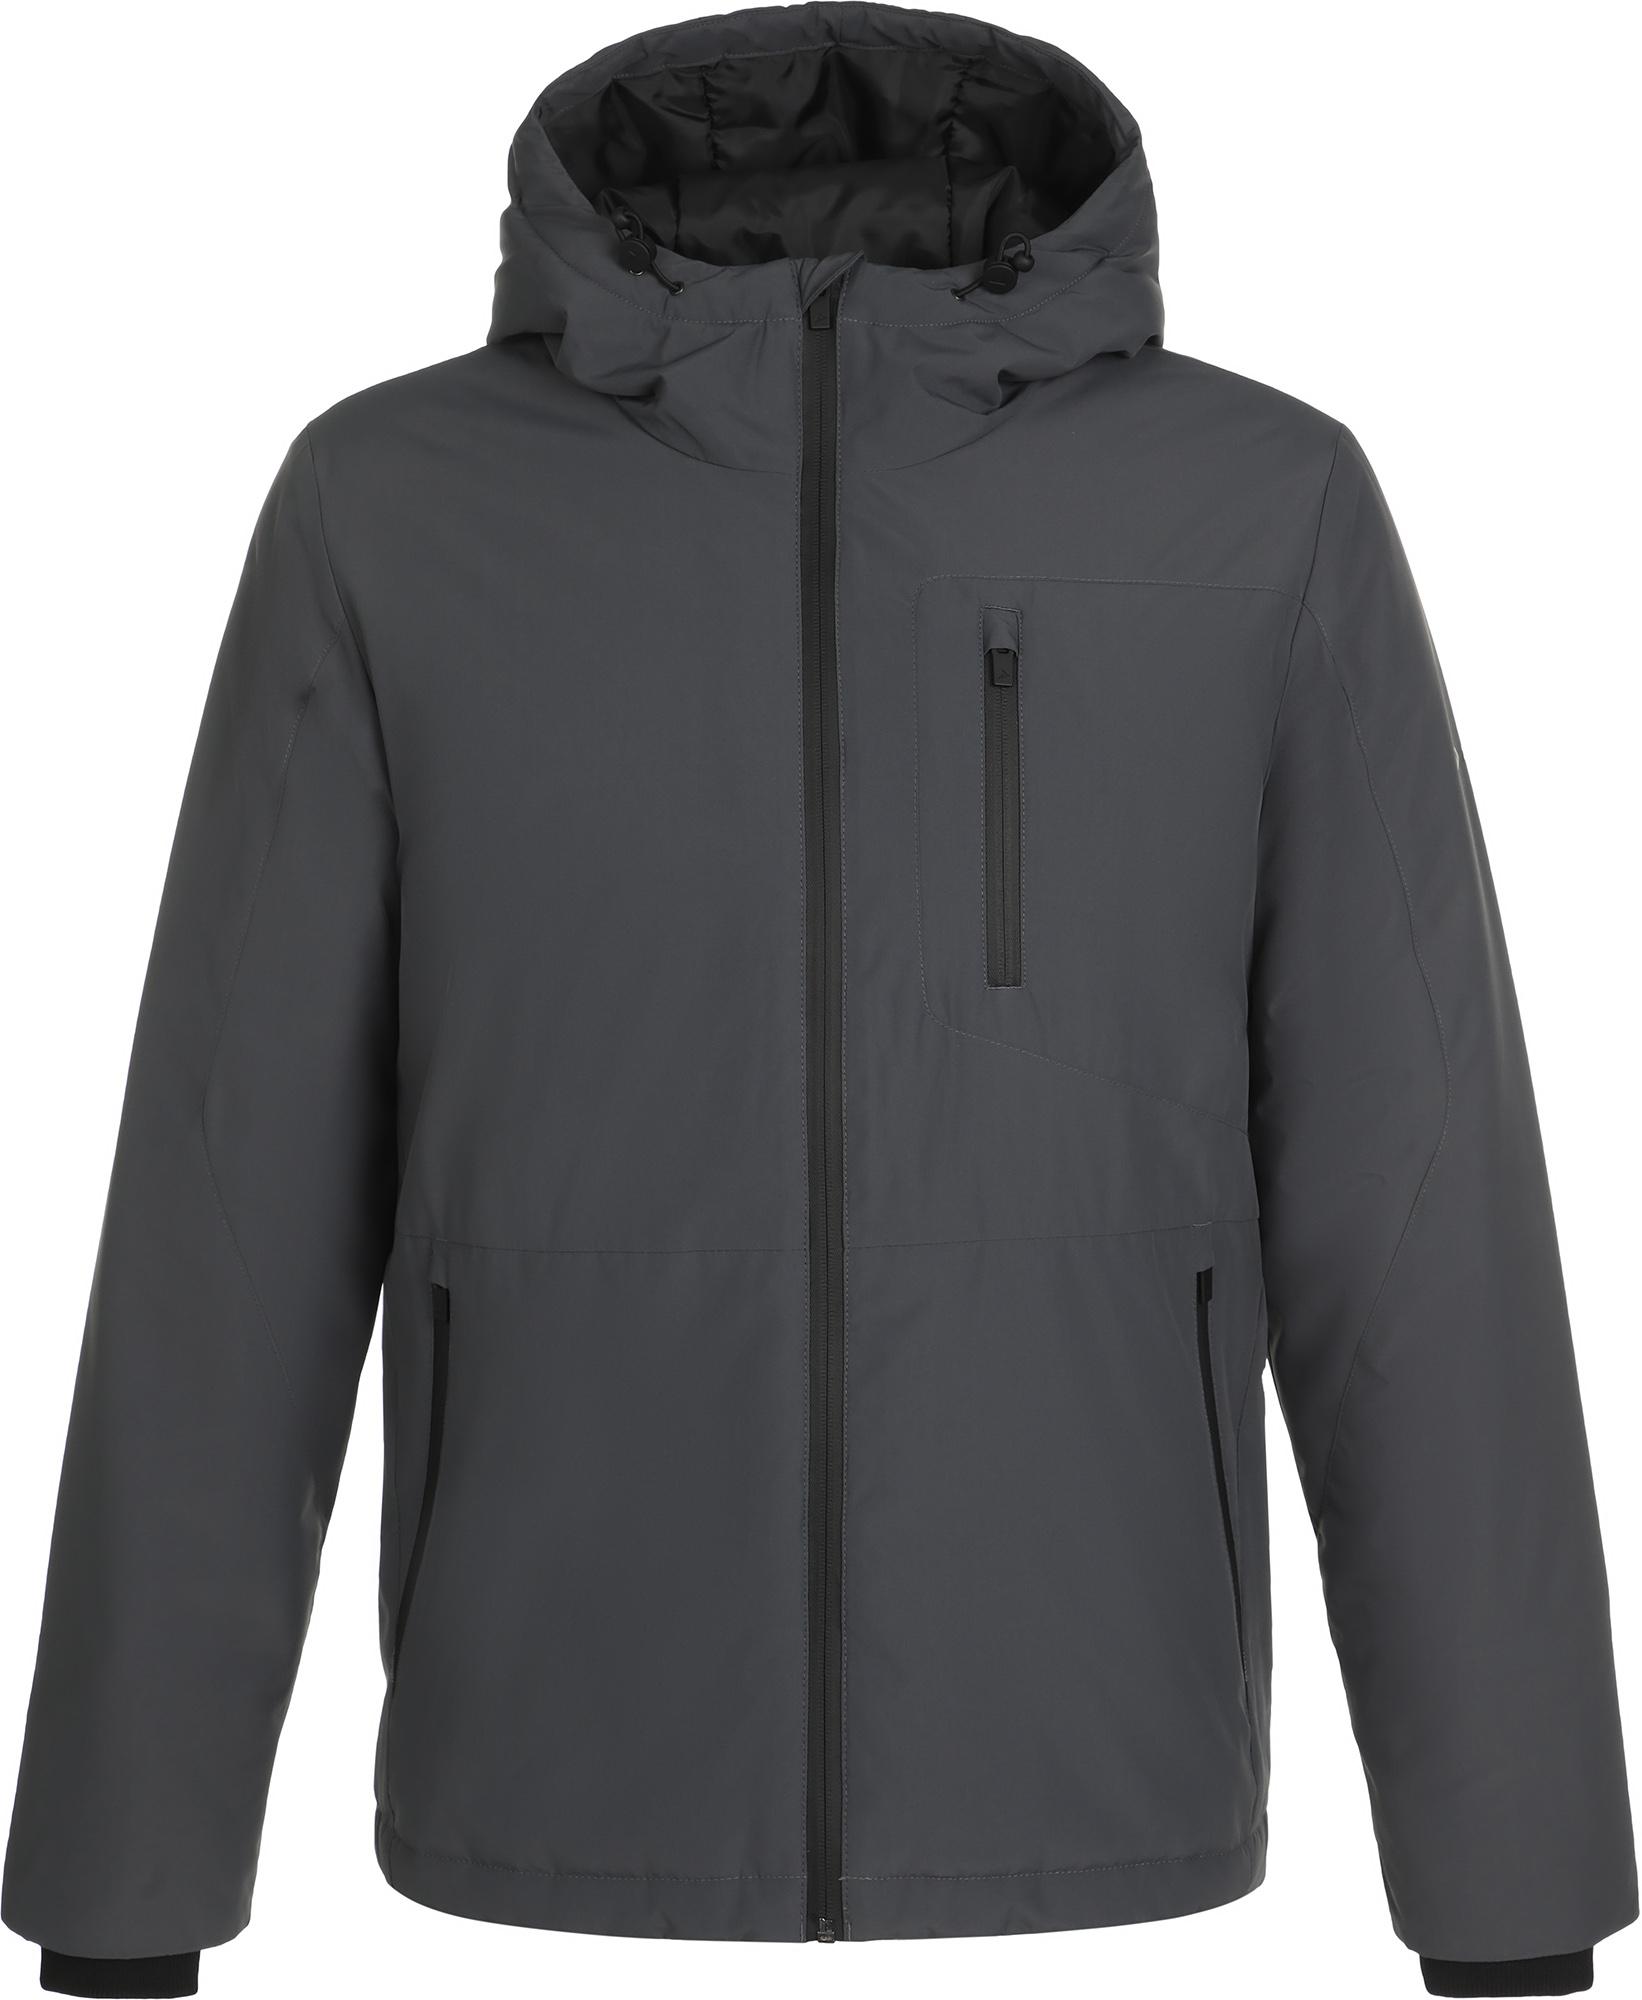 Demix Куртка утепленная мужская Demix, размер 50 куртка утепленная conso wear conso wear mp002xw0tupn